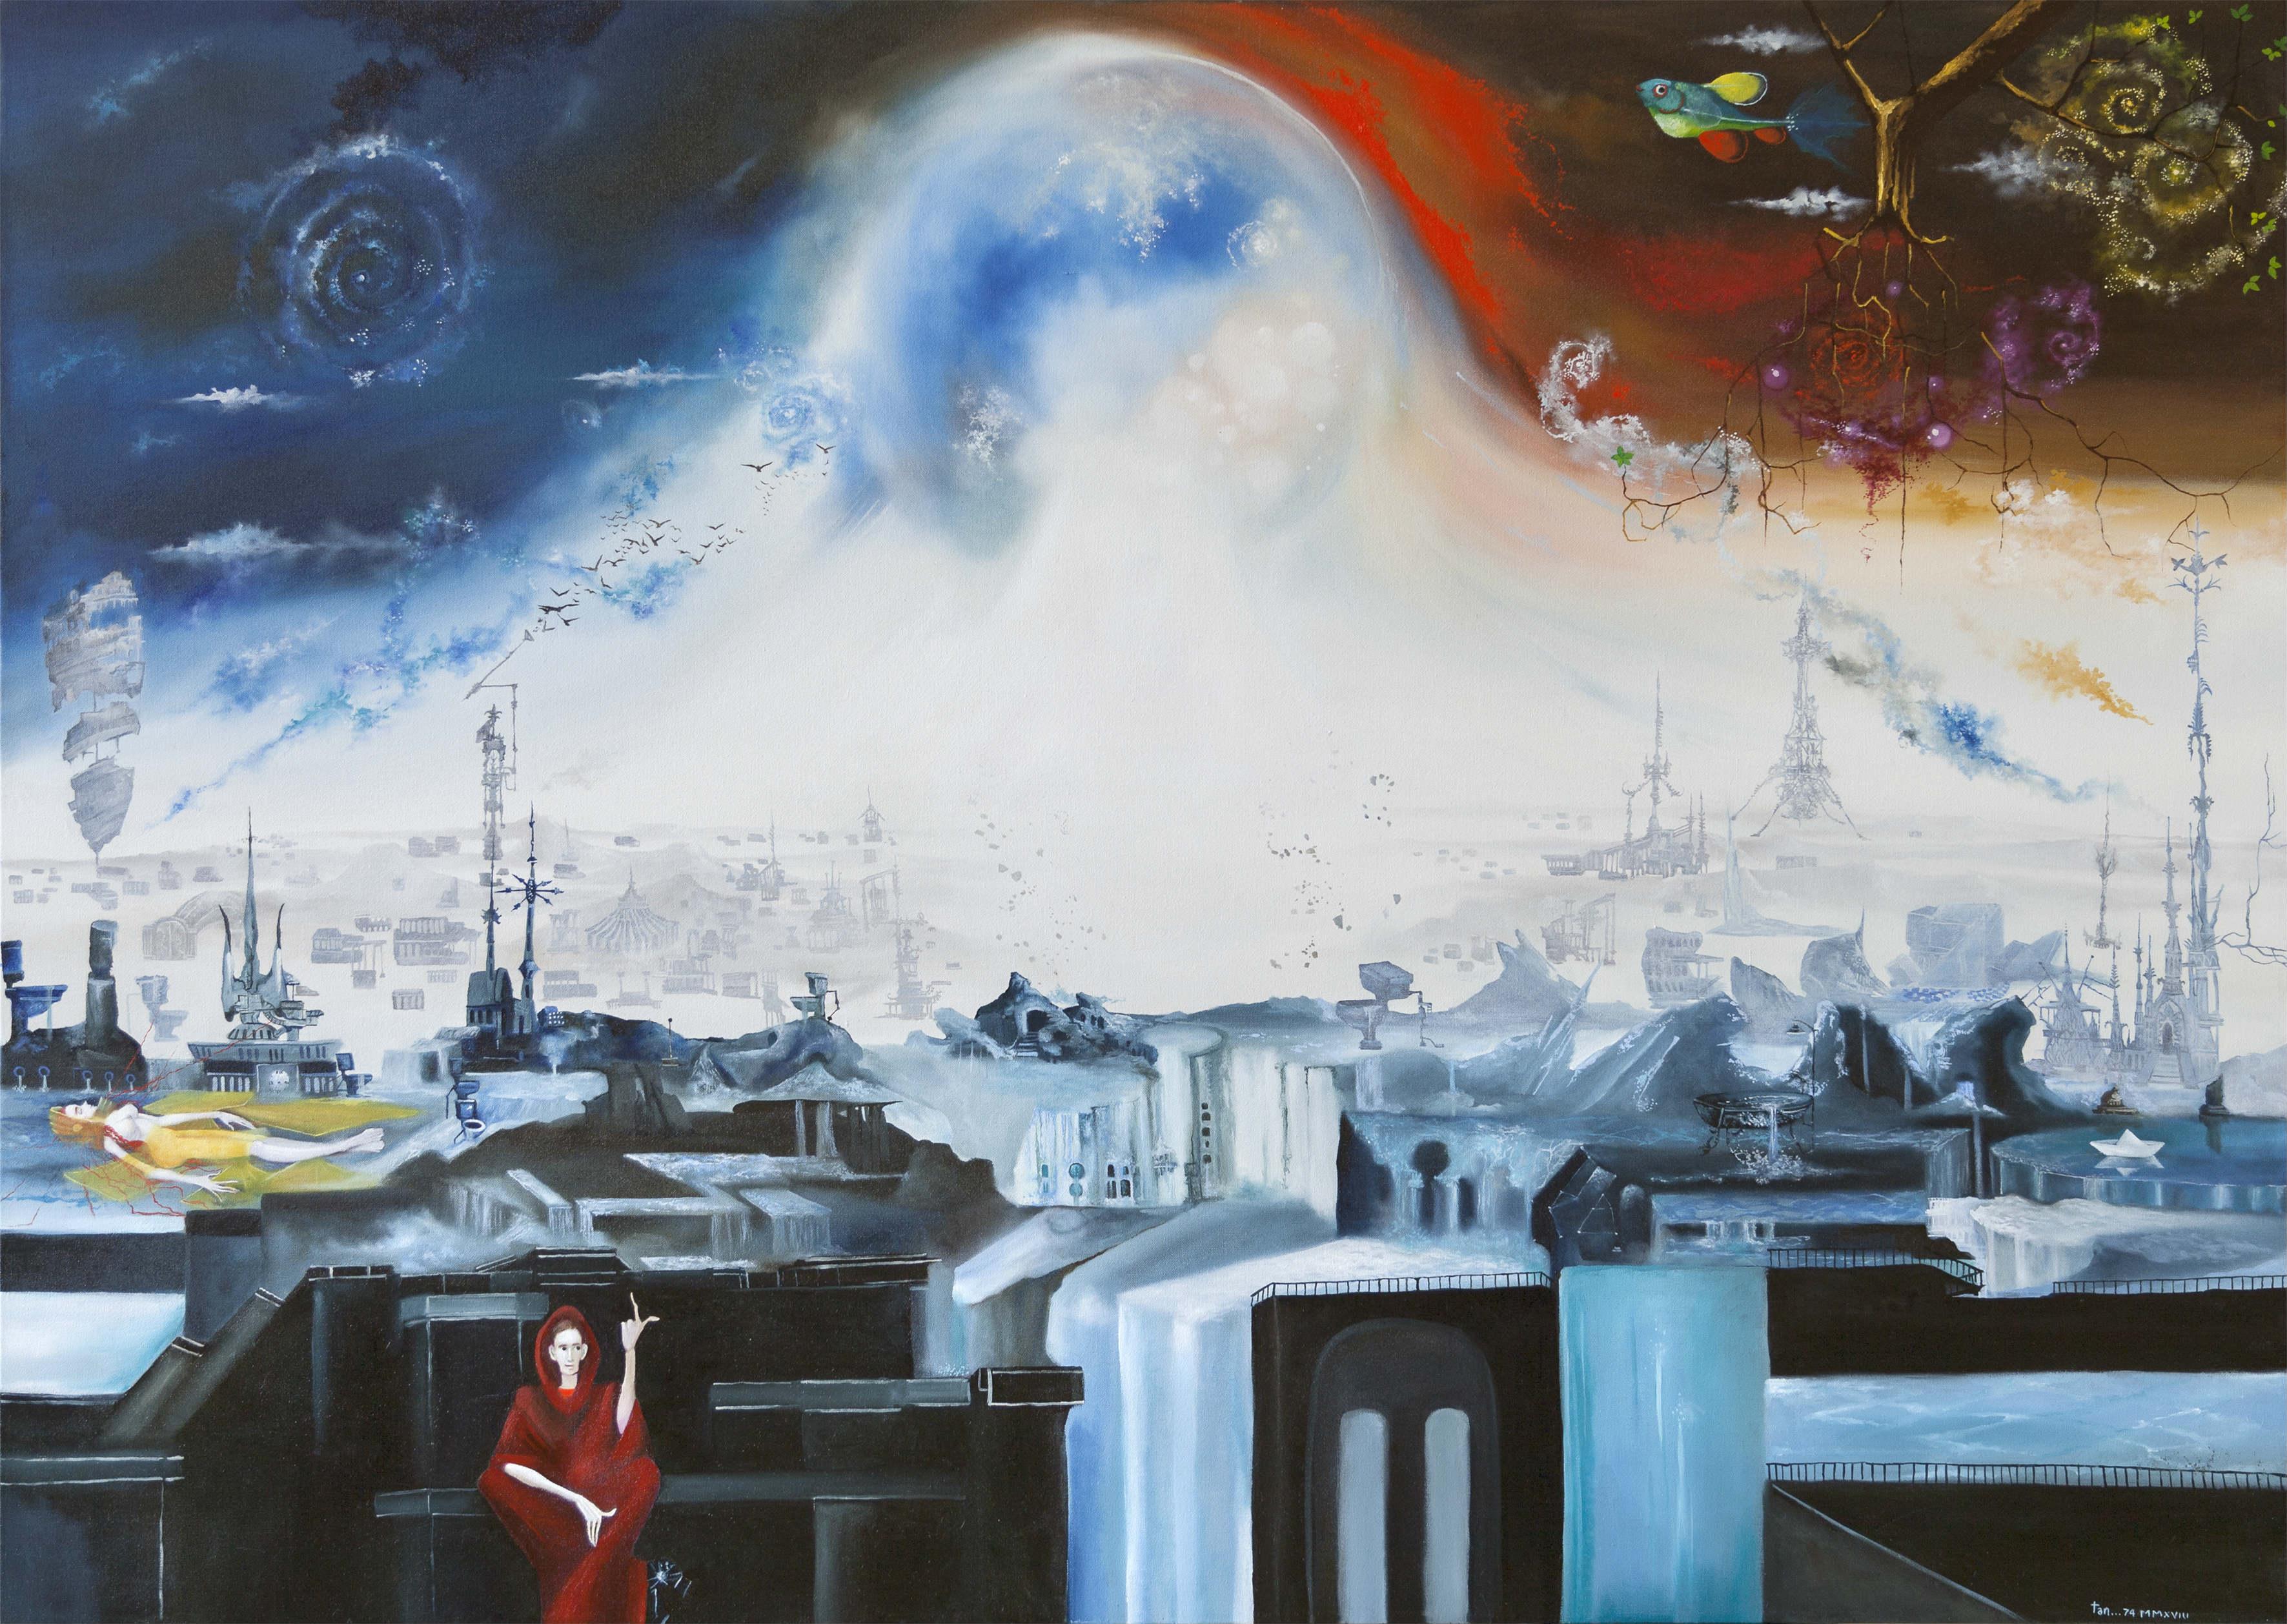 La Quintaesencia / Galería Javier Arévalo / Del 29 de mayo al 25 de junio